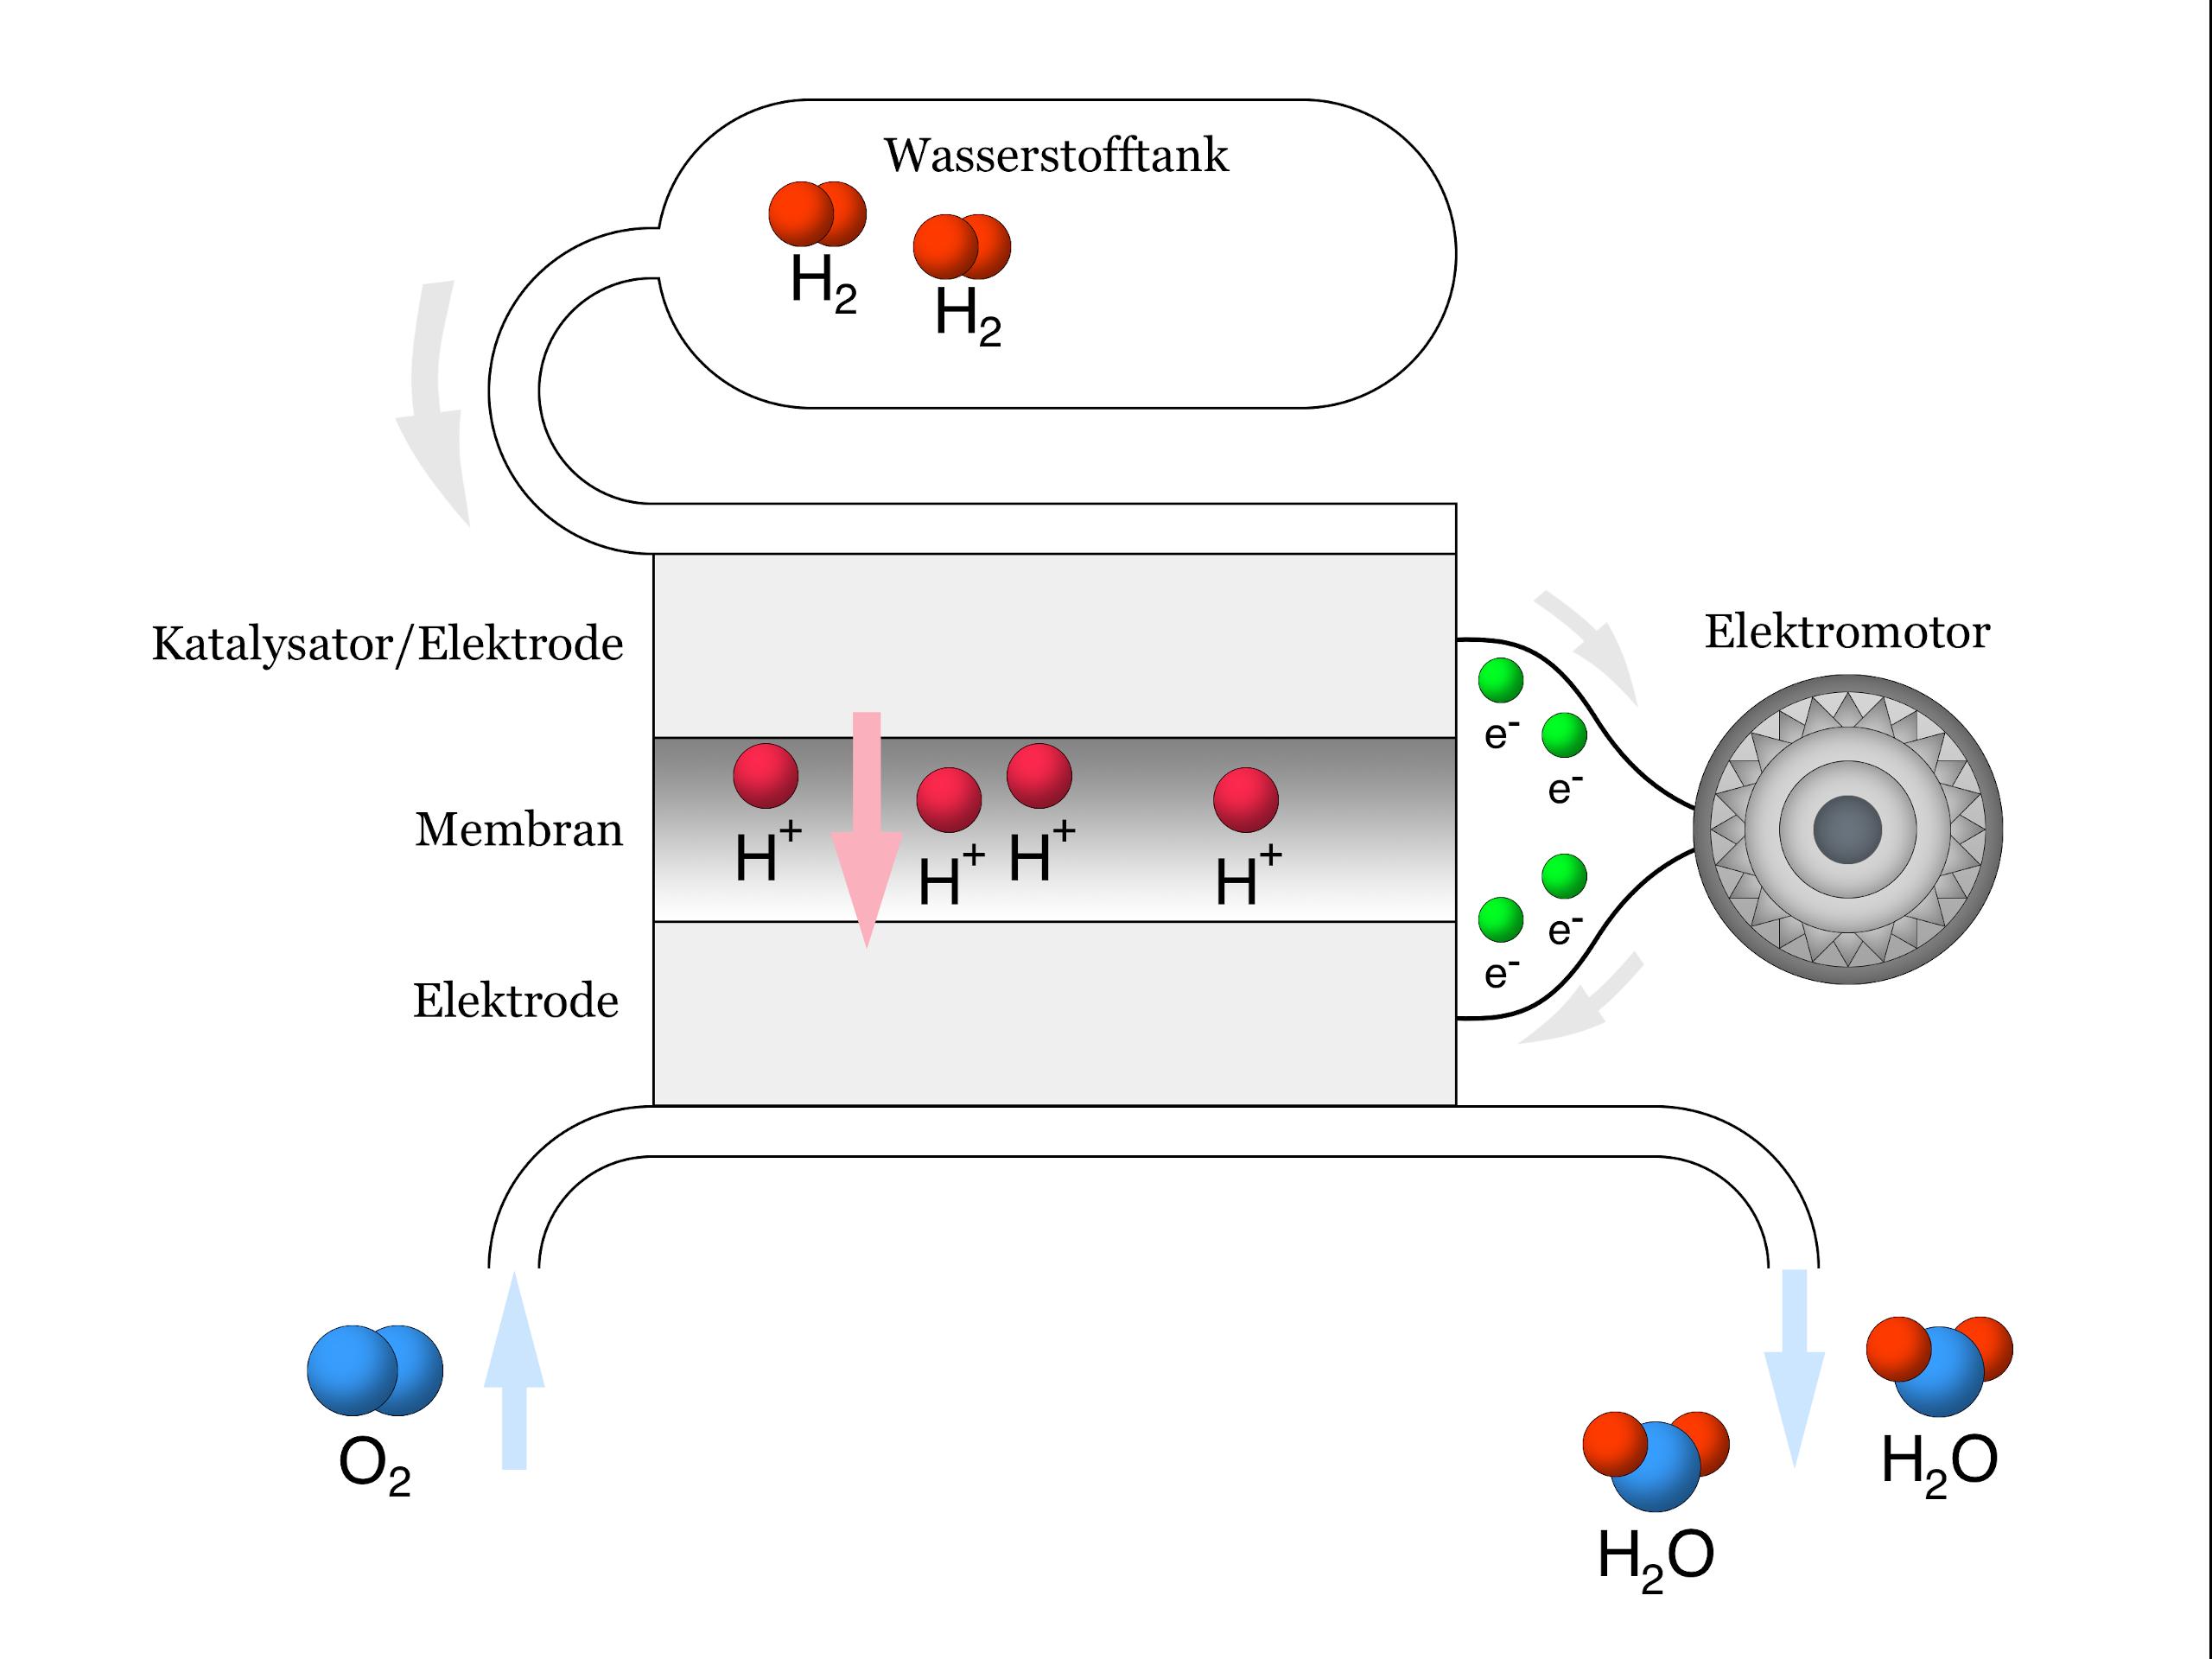 Wasserstoffmotor wie funktioniert Wasserstoffmotor: So